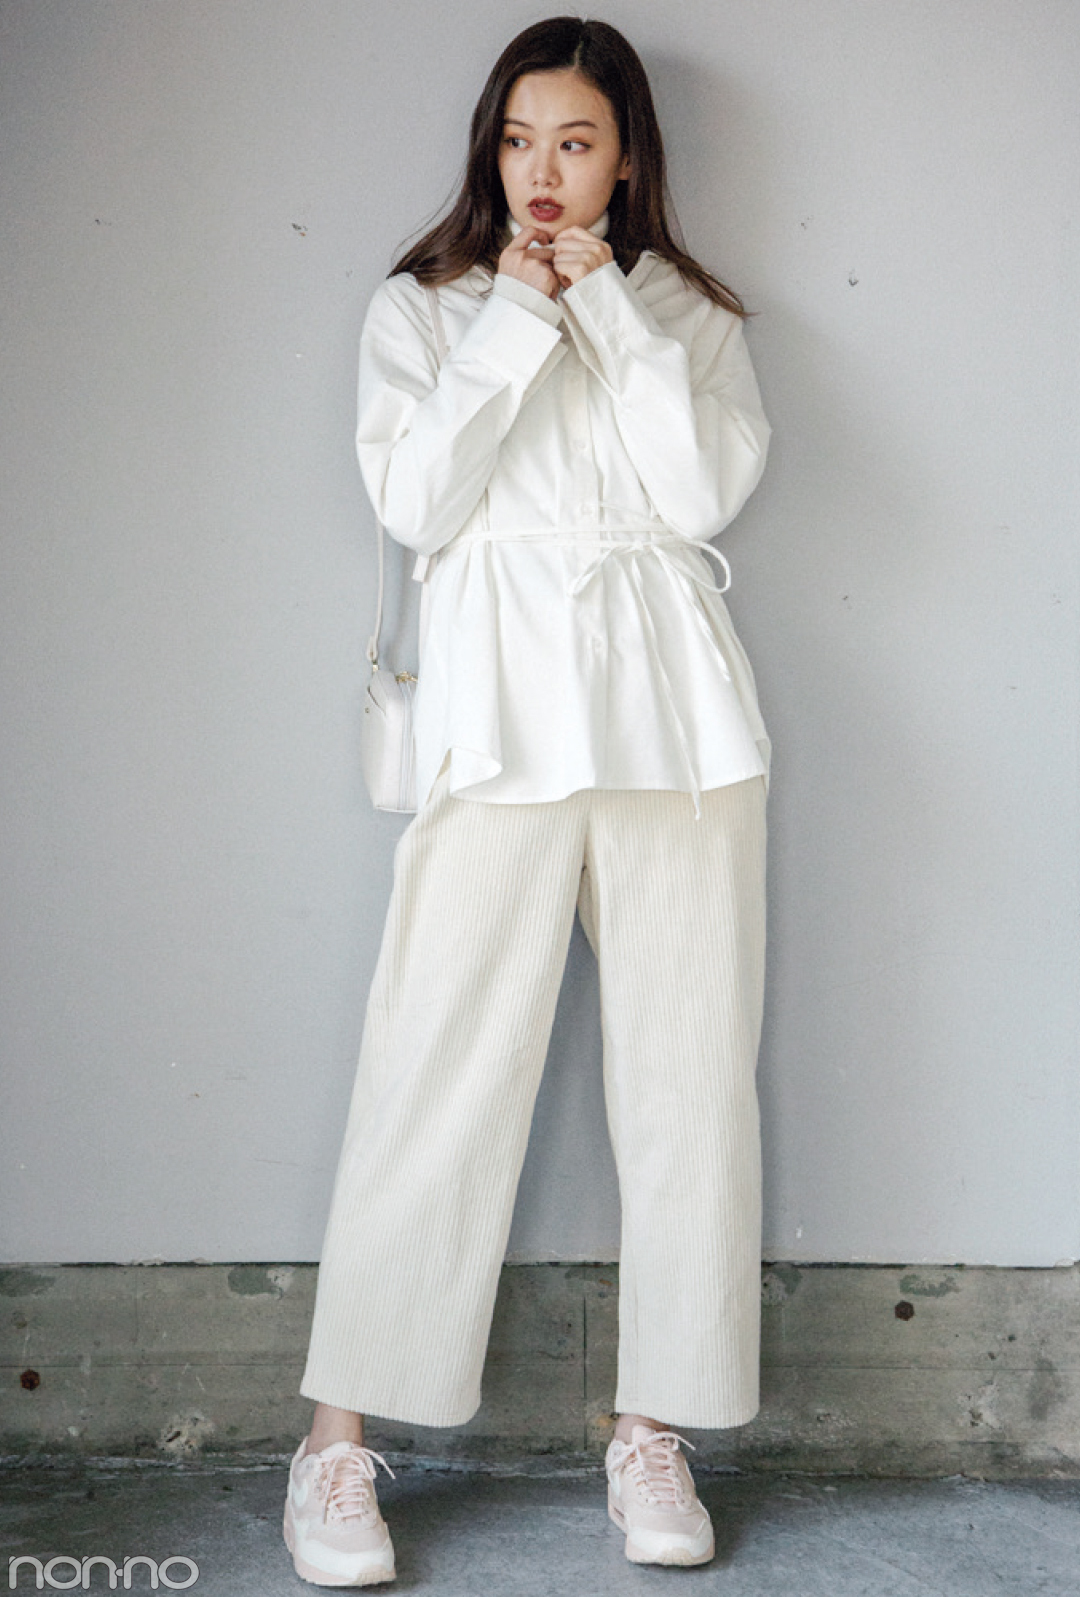 韓国ファッション、先取りするならコレ!【韓国トレンドこれくる2019】_1_3-1